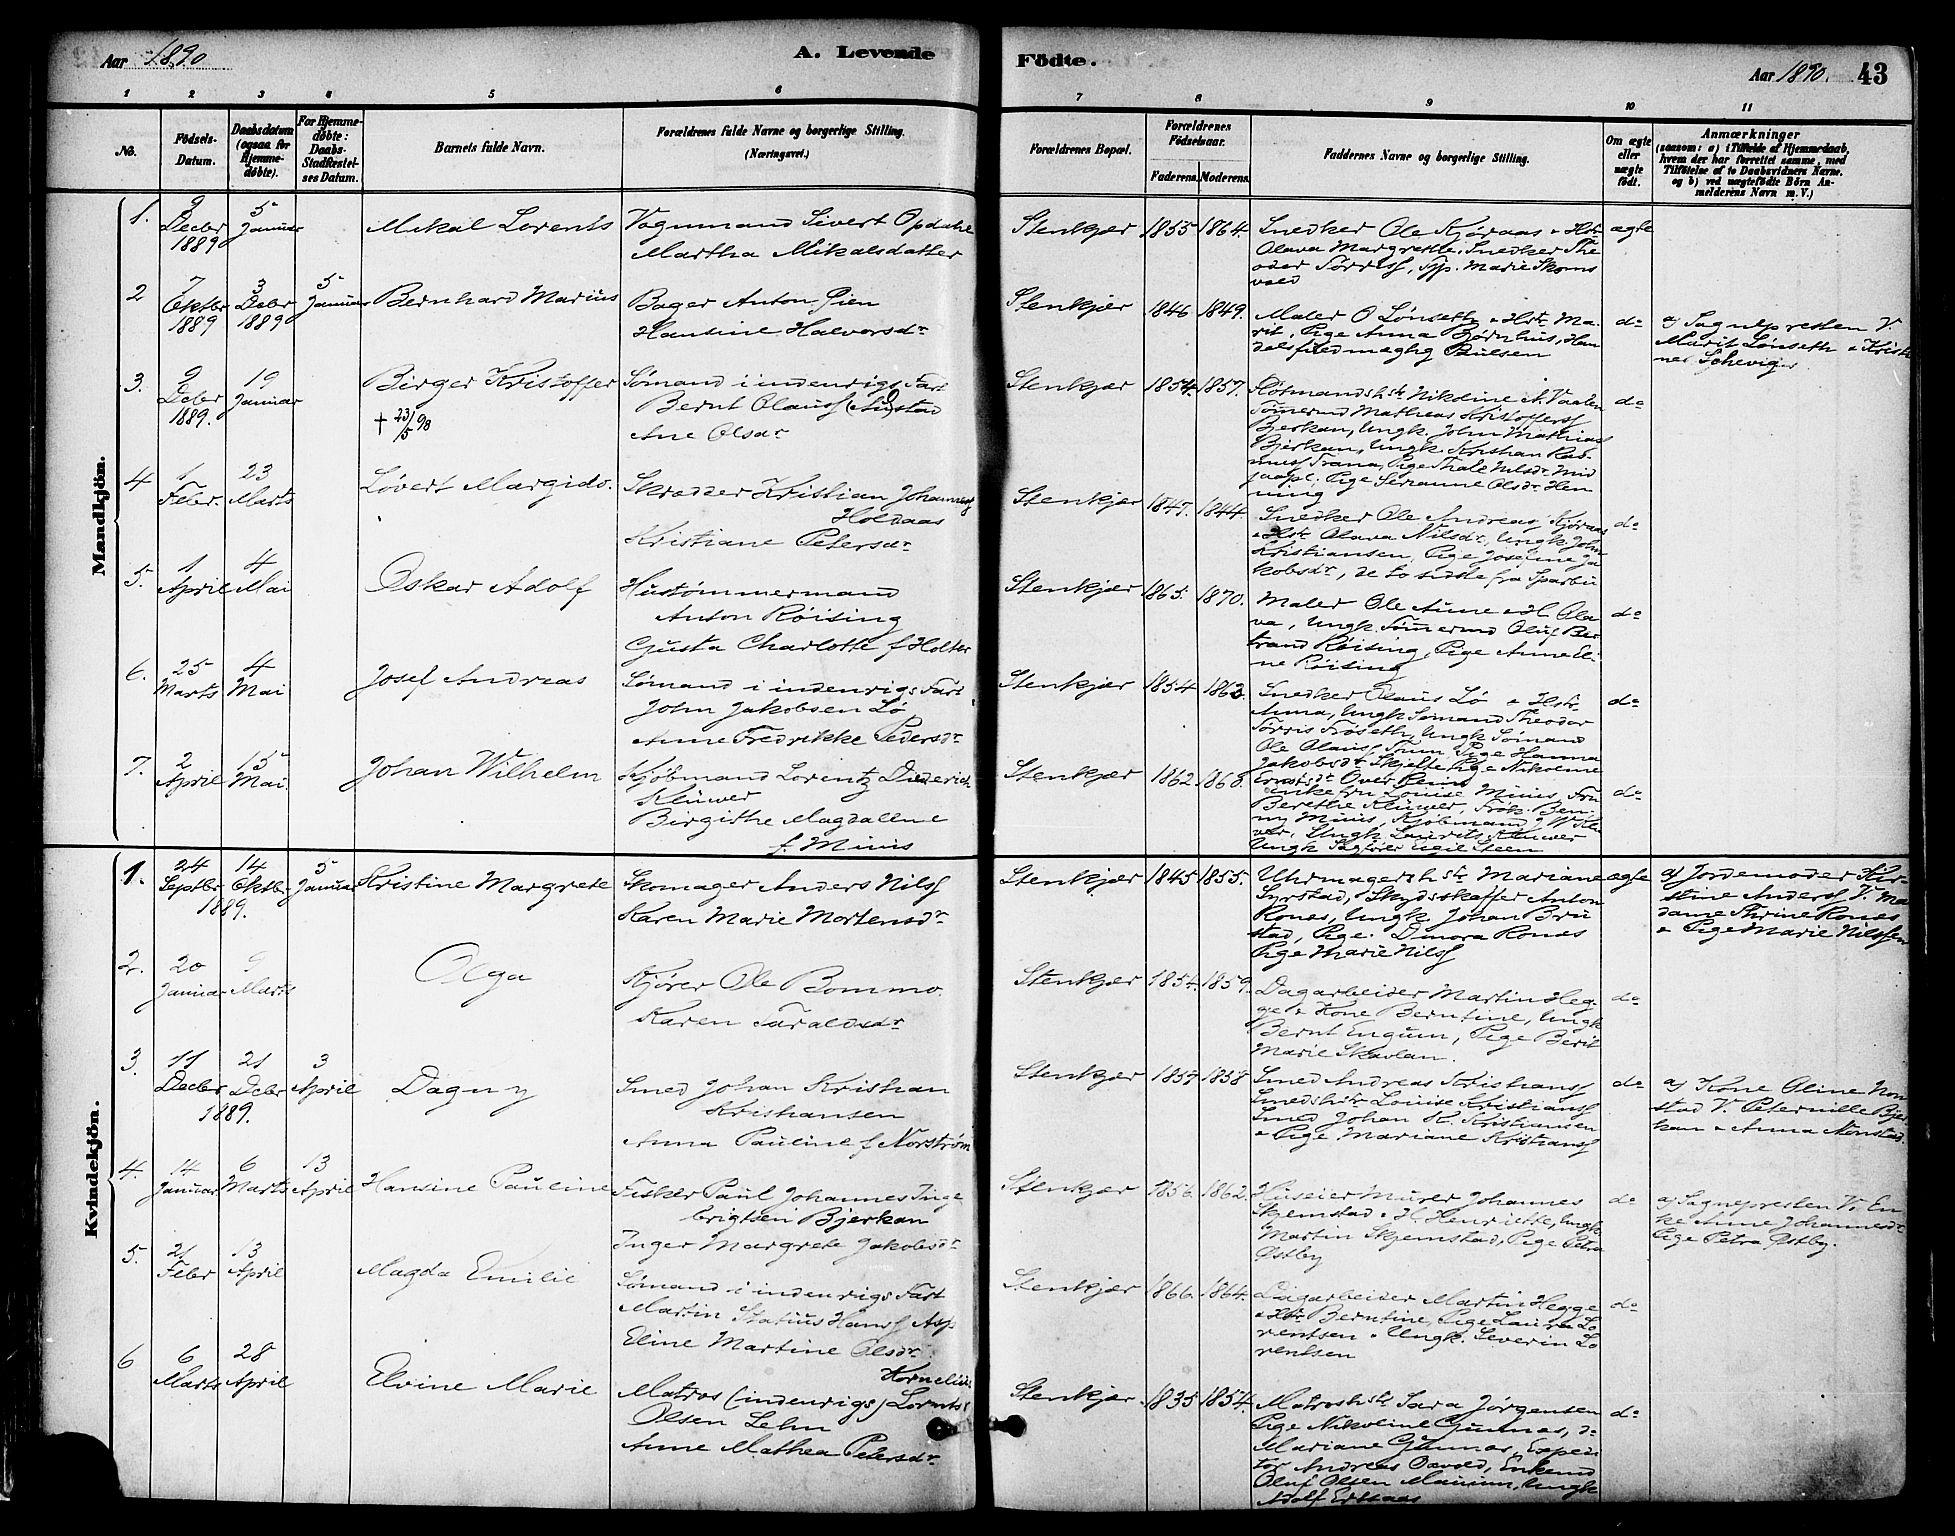 SAT, Ministerialprotokoller, klokkerbøker og fødselsregistre - Nord-Trøndelag, 739/L0371: Ministerialbok nr. 739A03, 1881-1895, s. 43